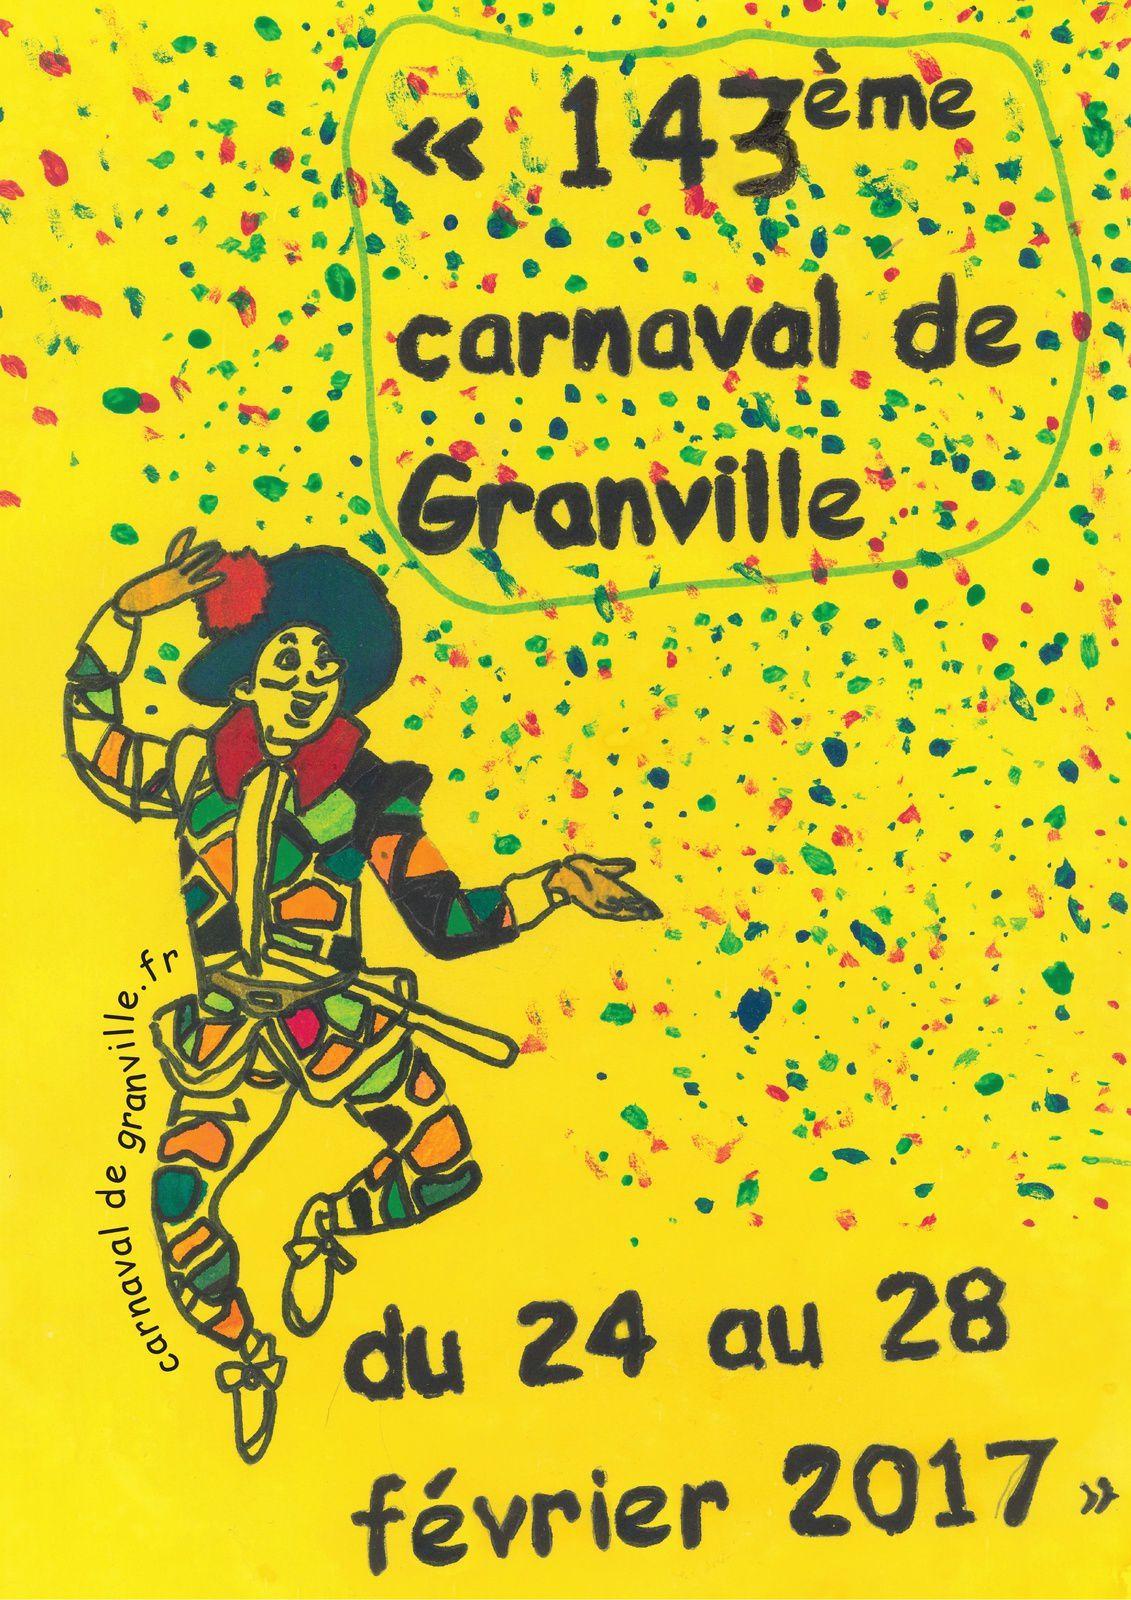 Le carnaval de #Granville classé au patrimoine culturel immatériel par l' #UNESCO !